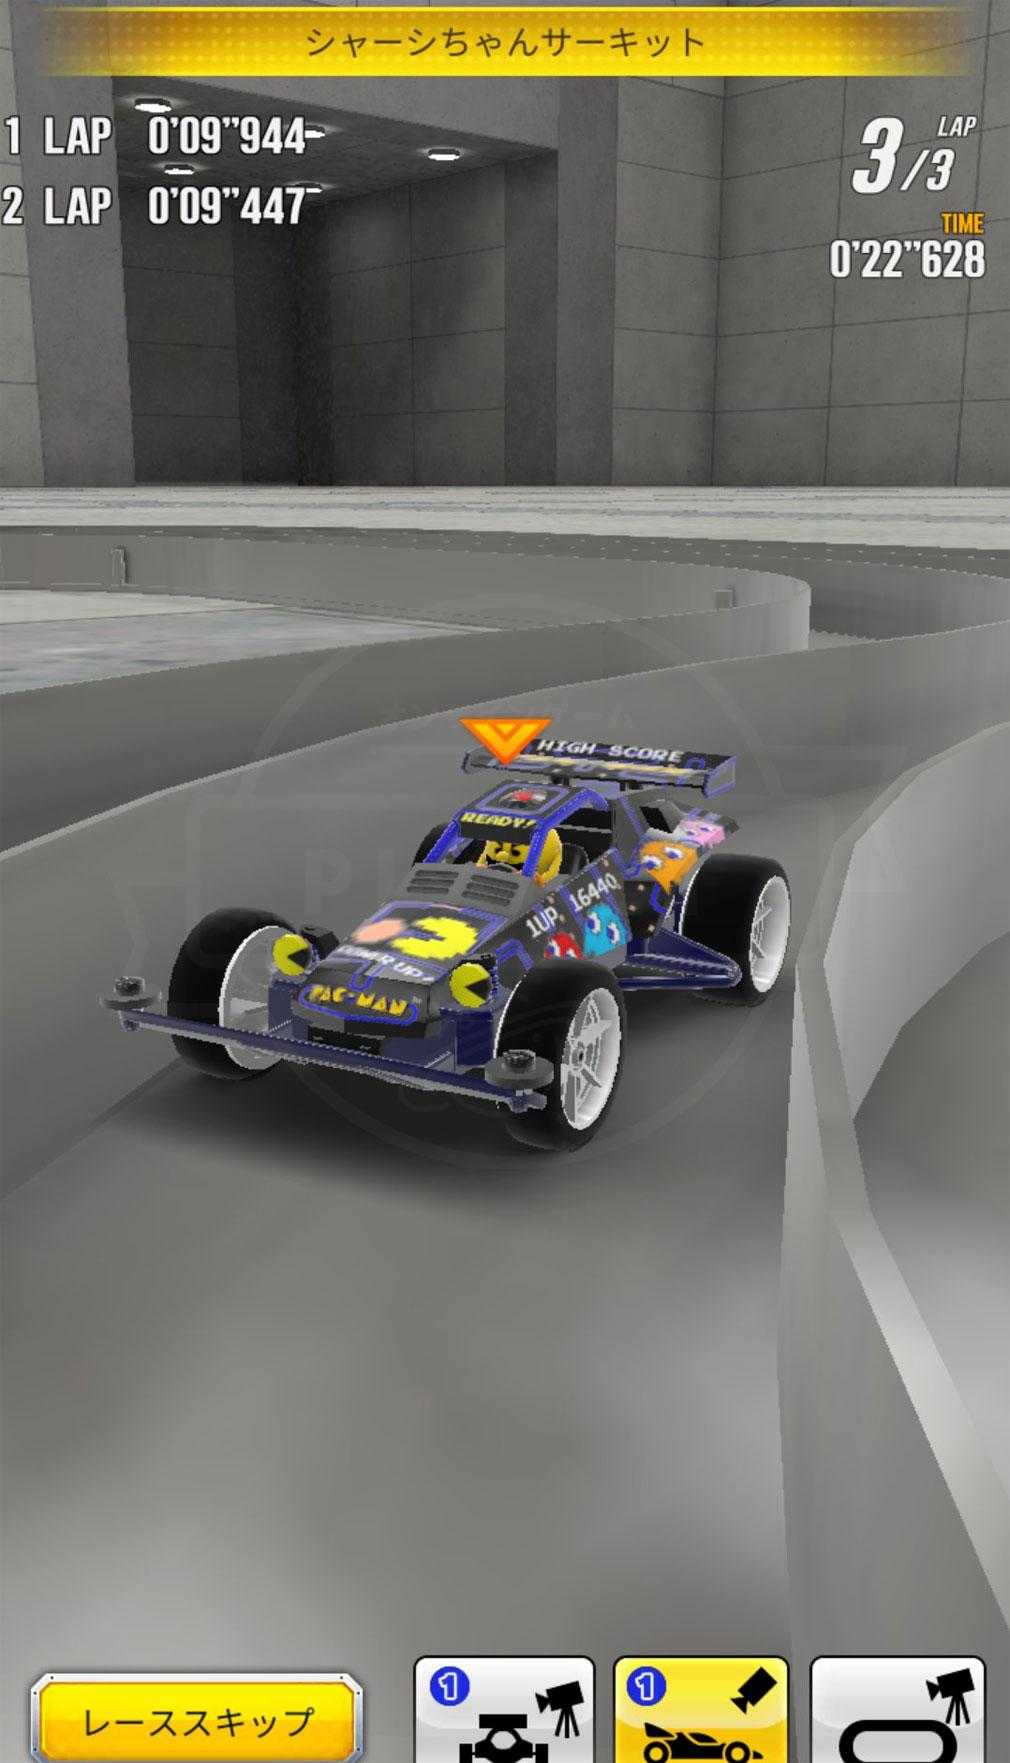 ミニ四駆 超速グランプリ(超速GP) レーススクリーンショット